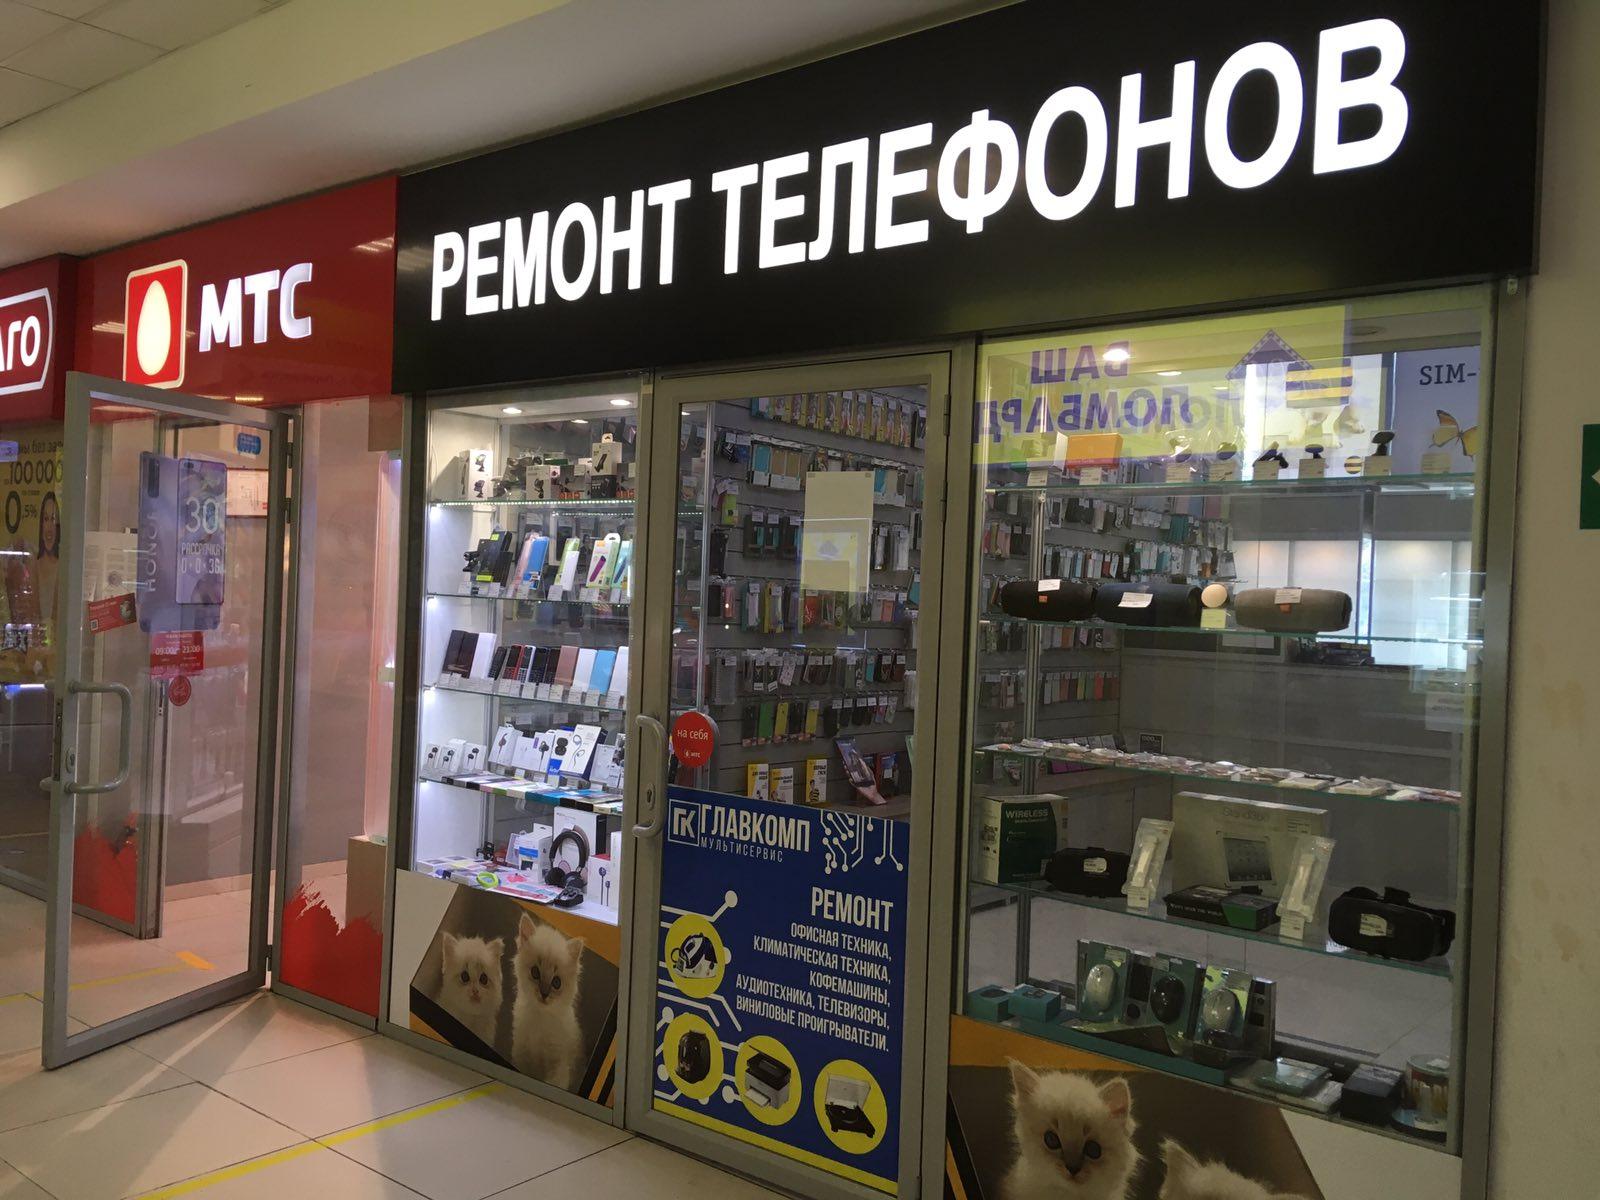 Ремонт бытовой техники метро: Улица Академика Янгеля